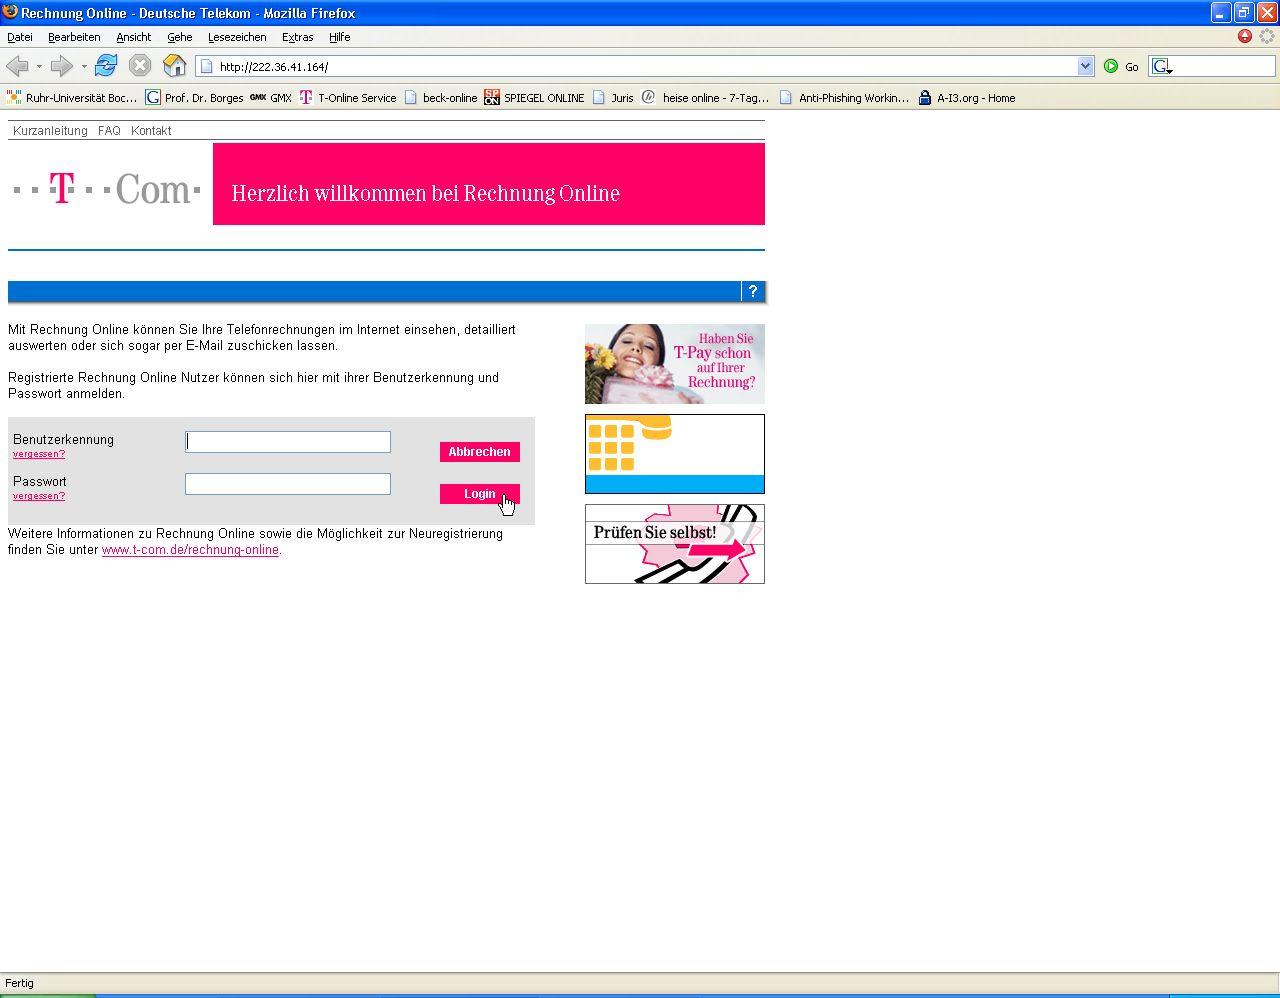 05_07_19_telekom_website.jpg